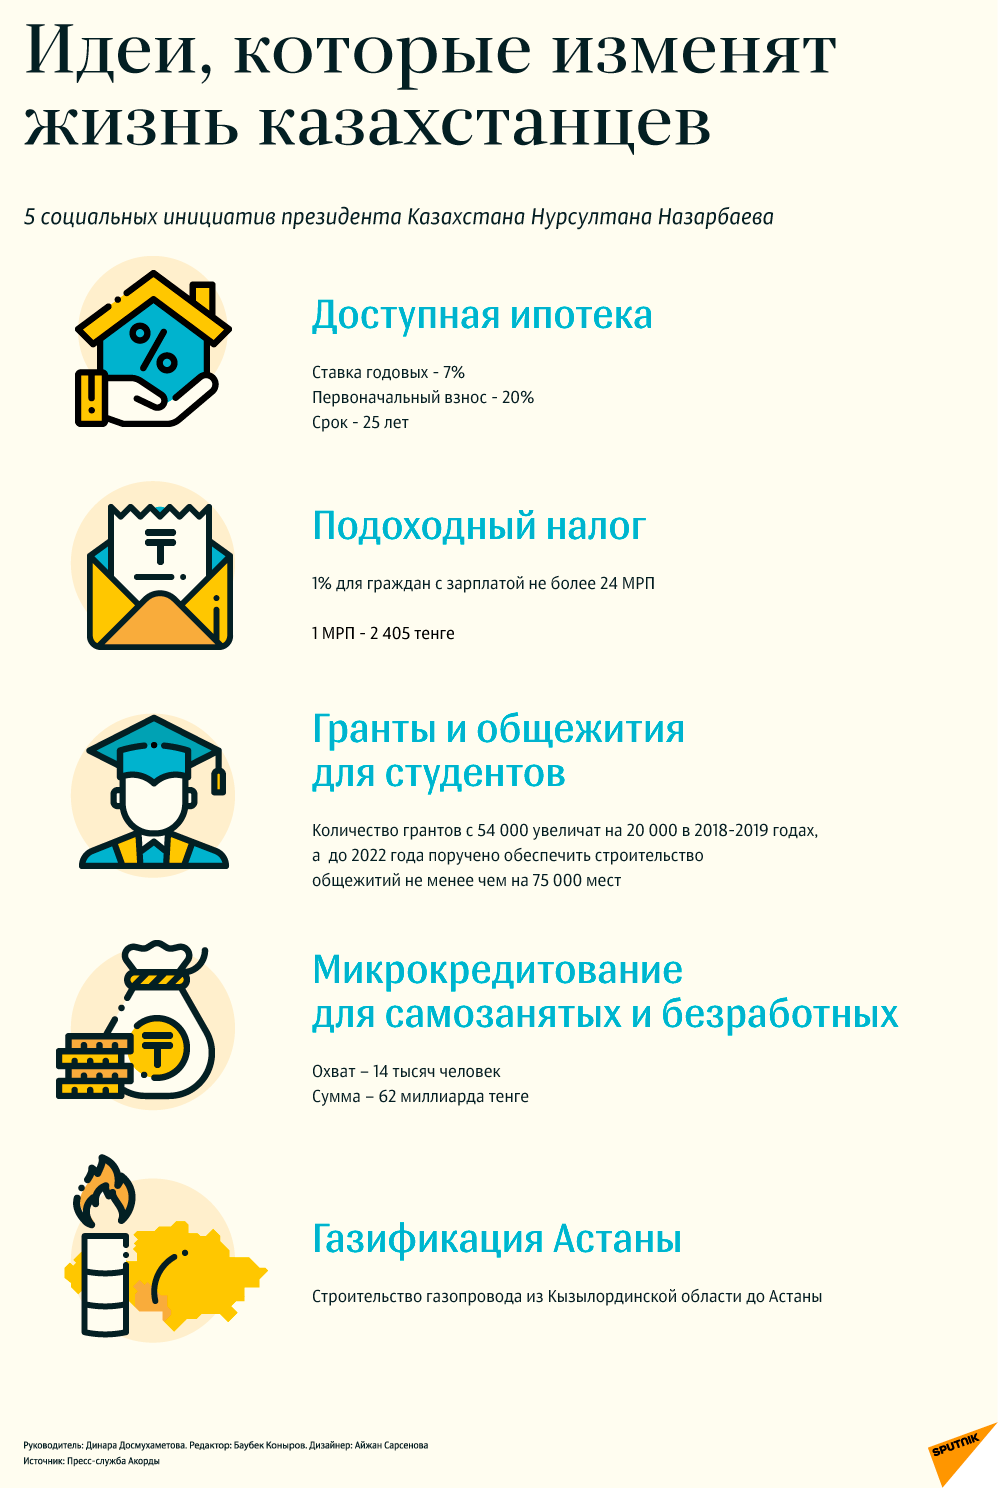 Пять президентских инициатив. Инфографика